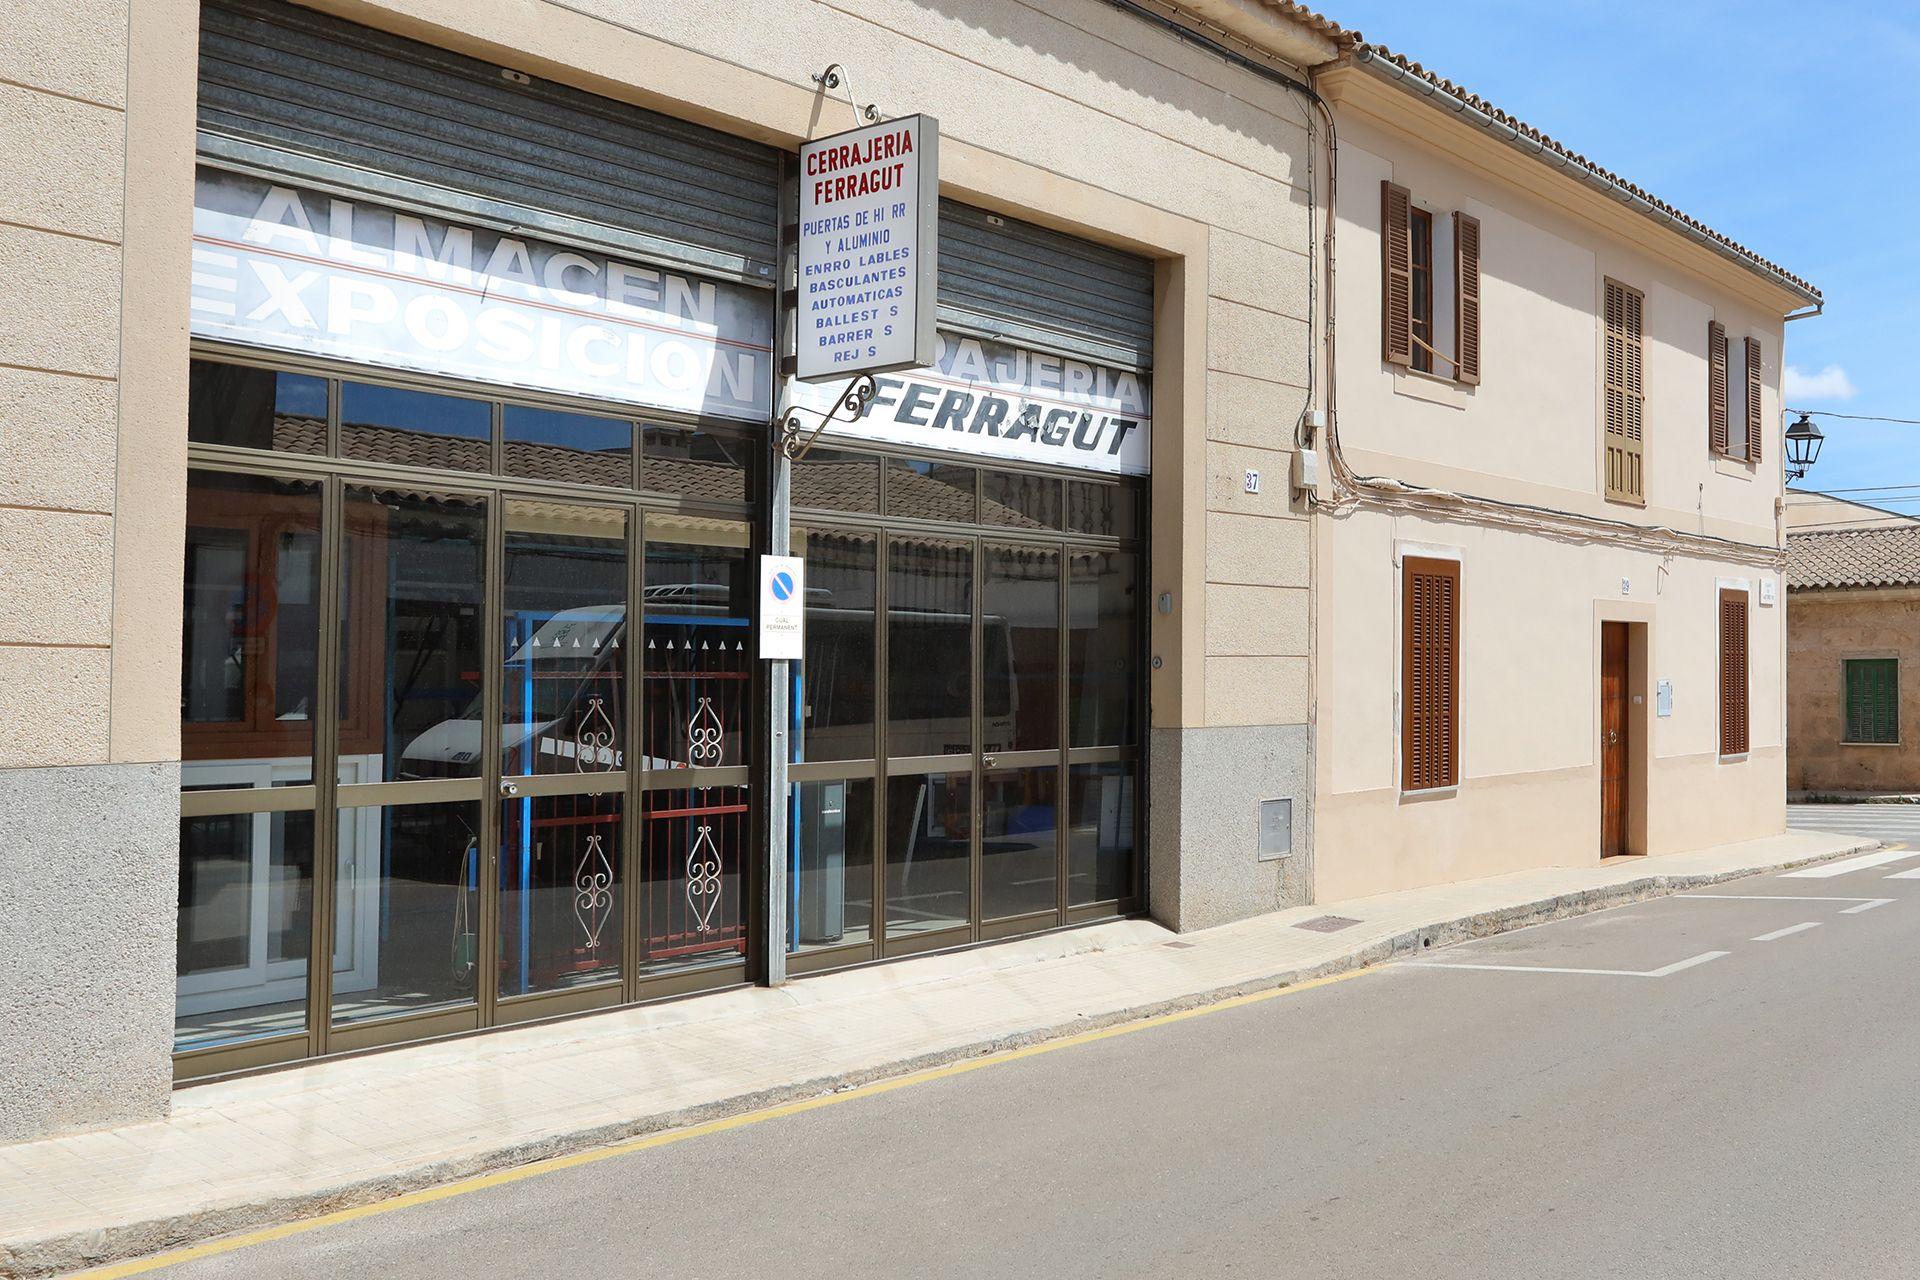 Cerrajería Ferragut.jpg